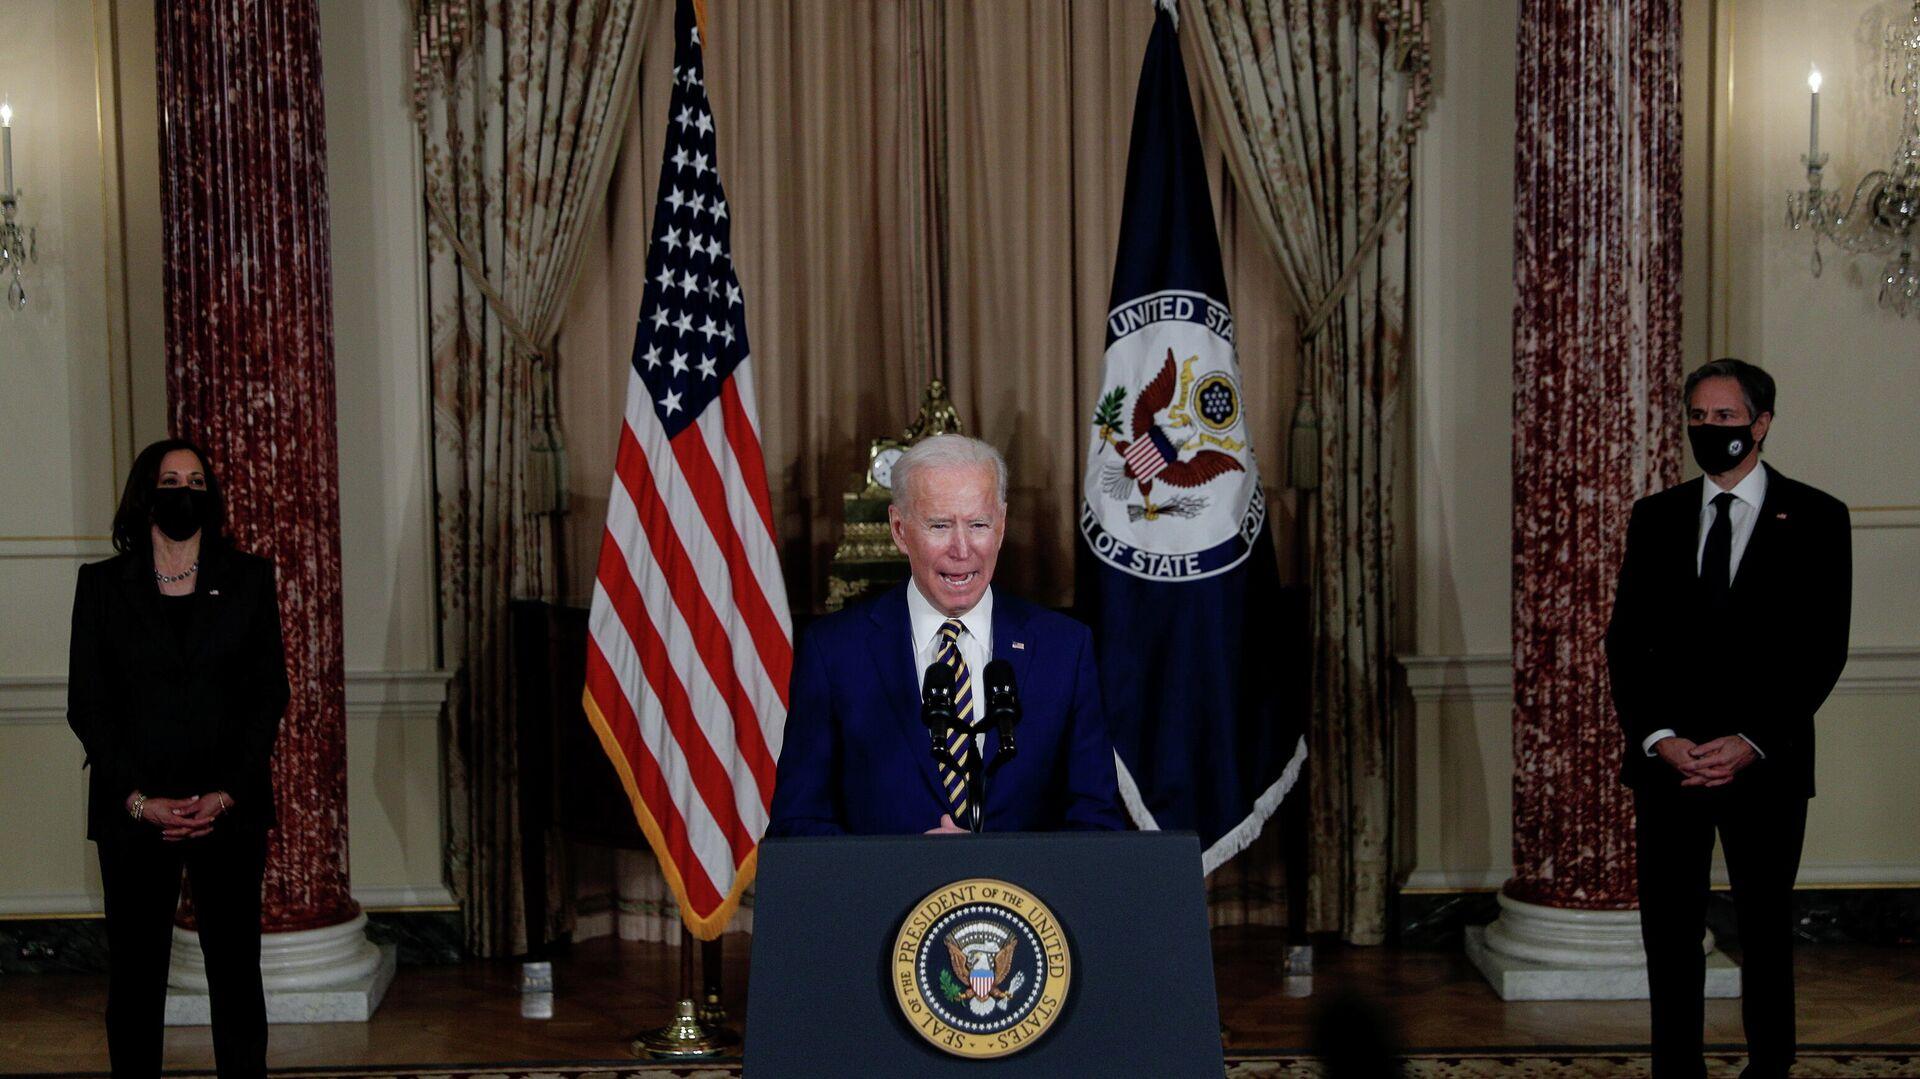 Президент США Джо Байден выступает с программной речью по вопросам внешней политики в Государственном департамент в Вашингтоне - РИА Новости, 1920, 05.02.2021